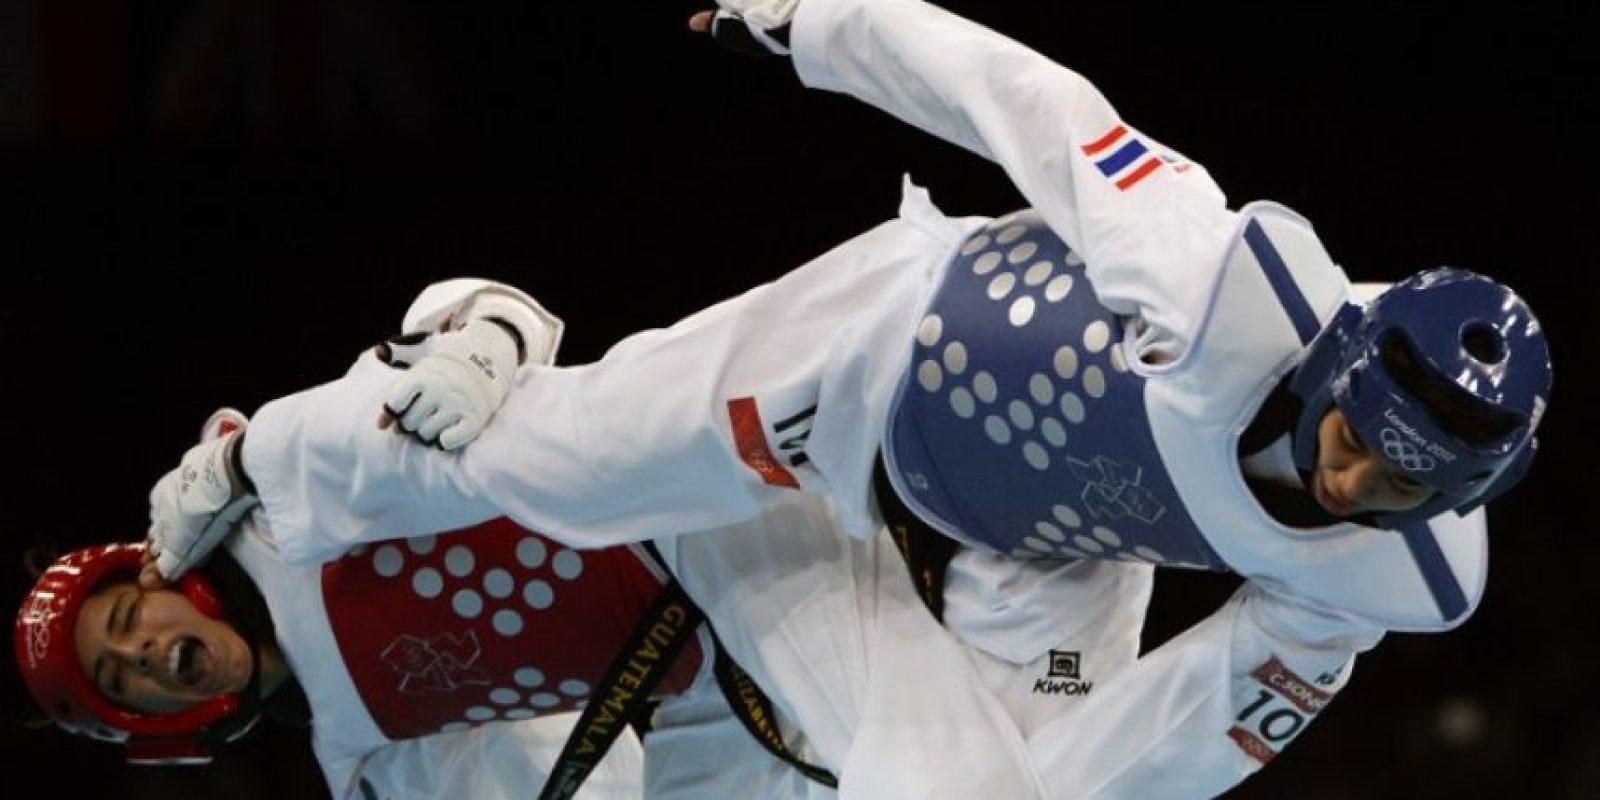 La seleccionada de taekuondo es una de las grandes esperanzas de medalla para Guatemala en las justas. Foto:Publinews